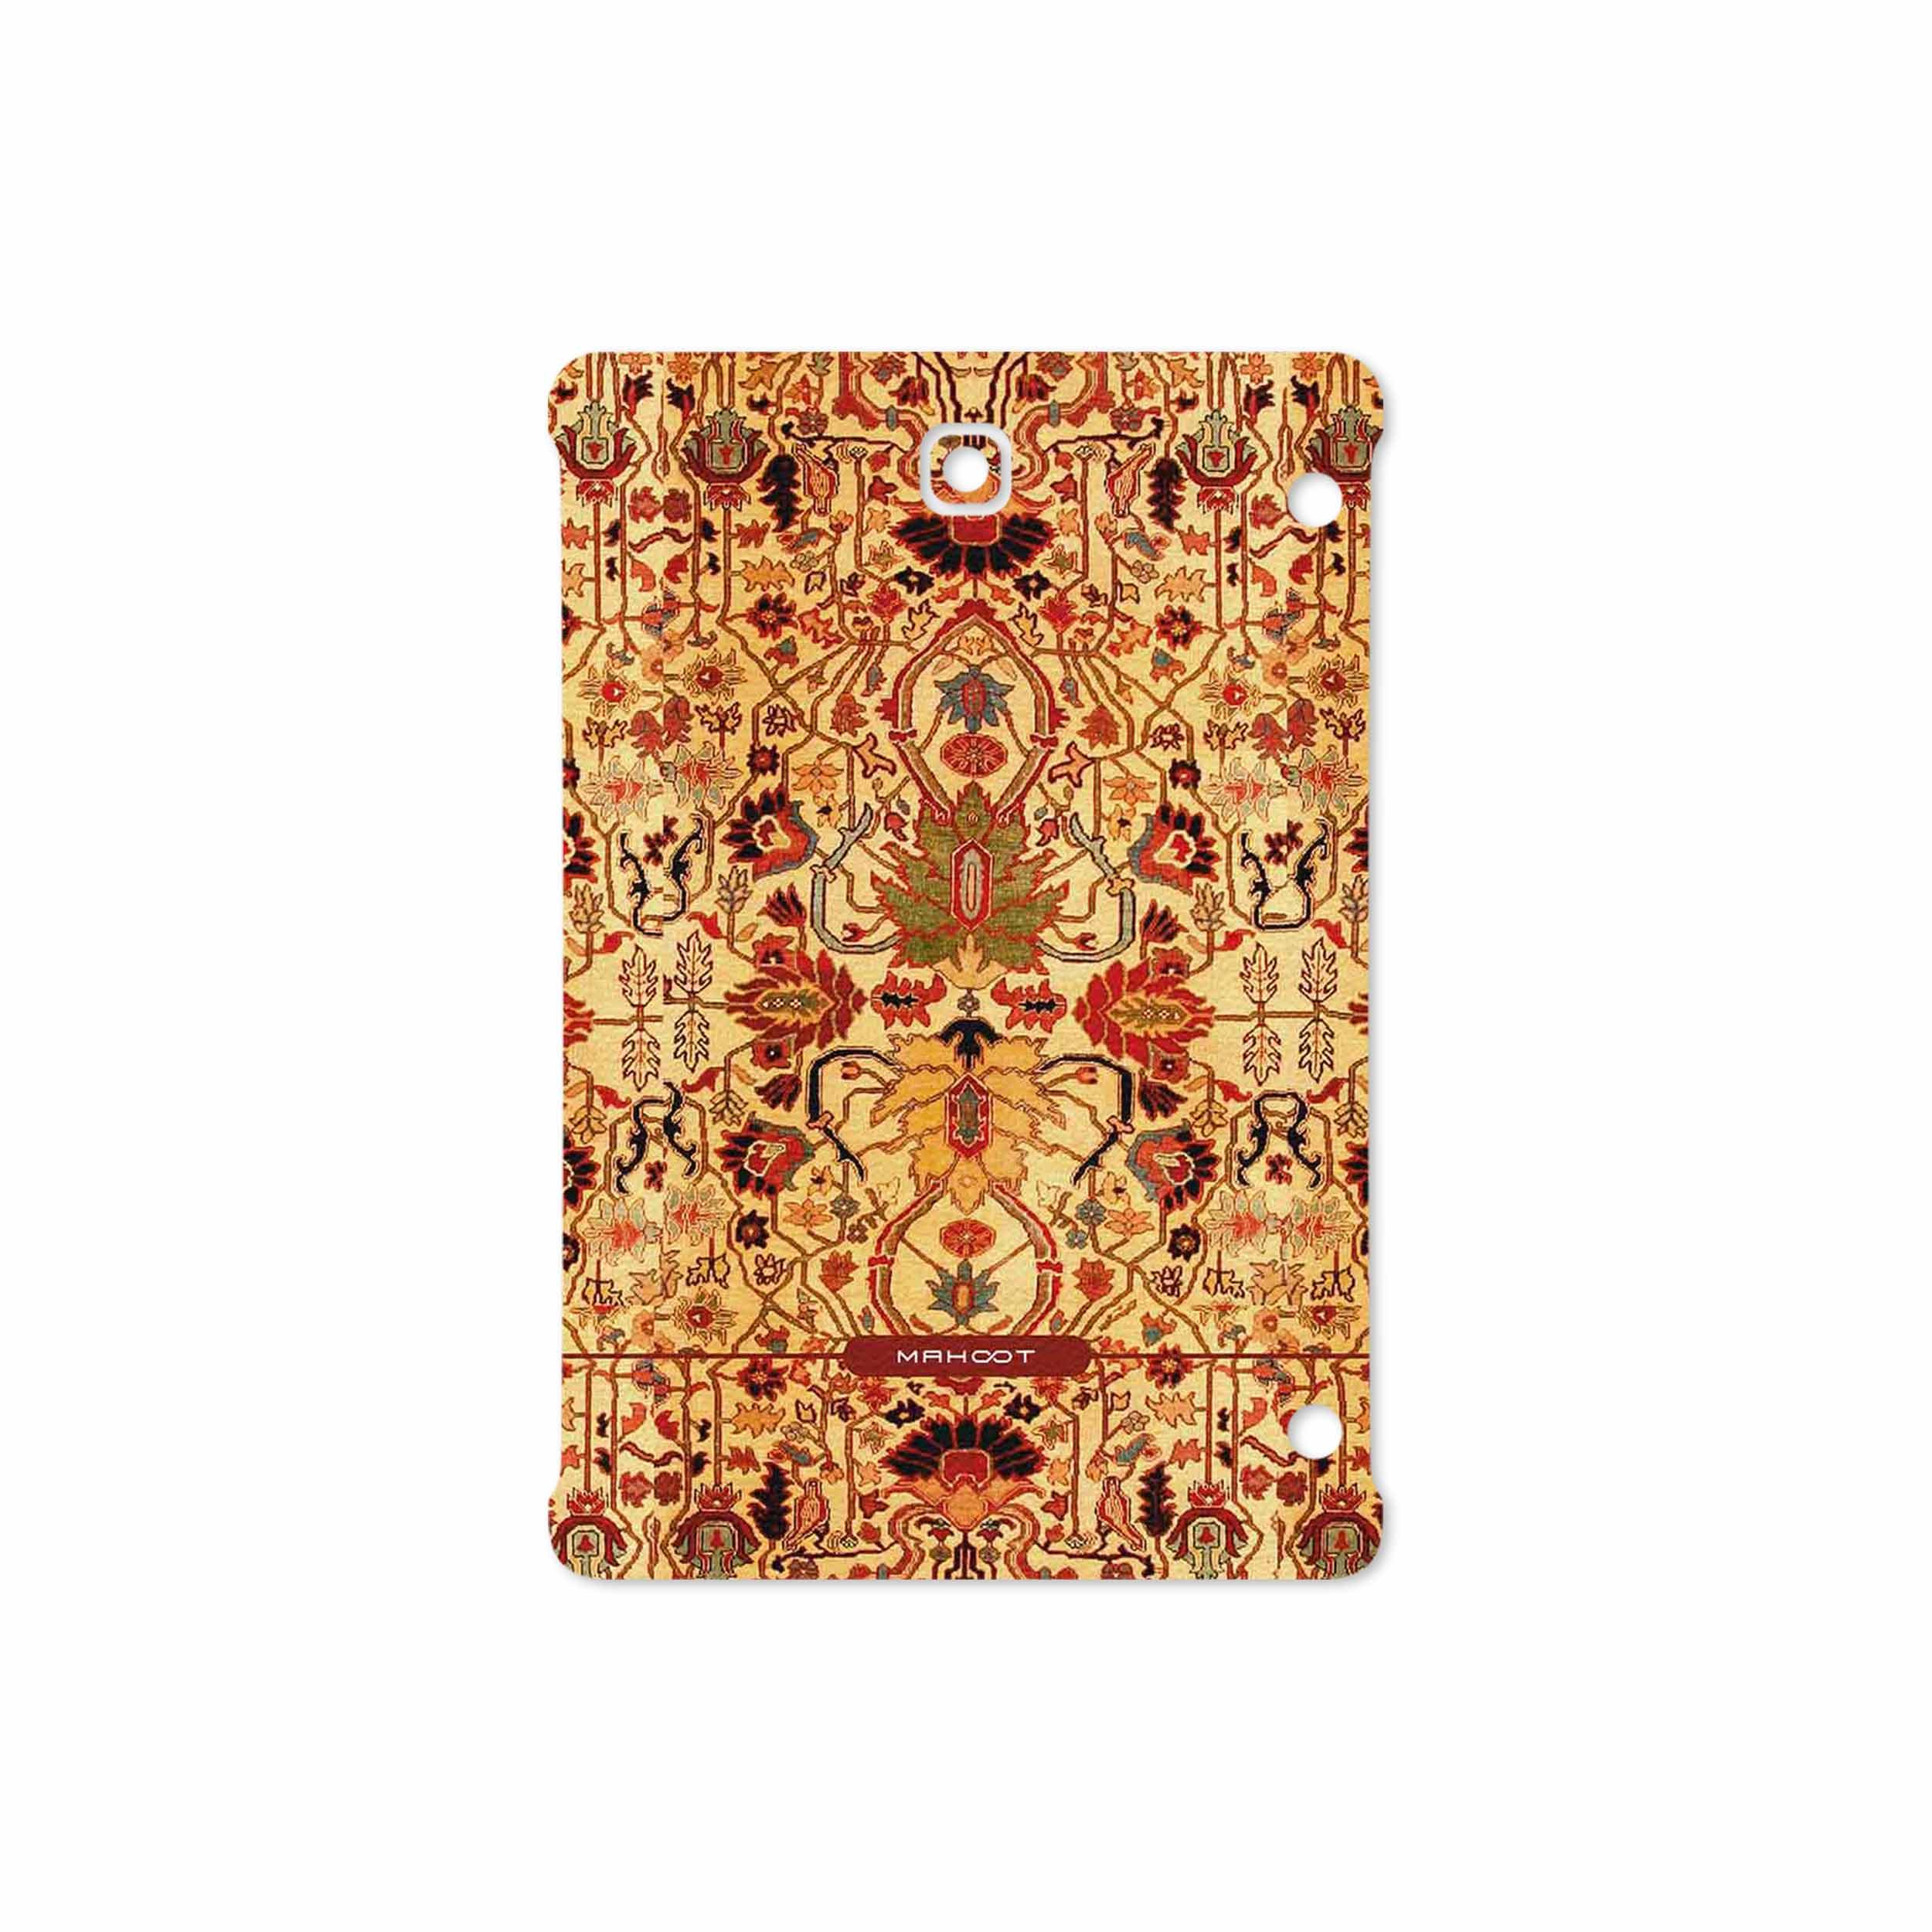 بررسی و خرید [با تخفیف]                                     برچسب پوششی ماهوت مدل Iran-Carpet2 مناسب برای تبلت سامسونگ Galaxy Tab S2 8.0 2016 T719N                             اورجینال